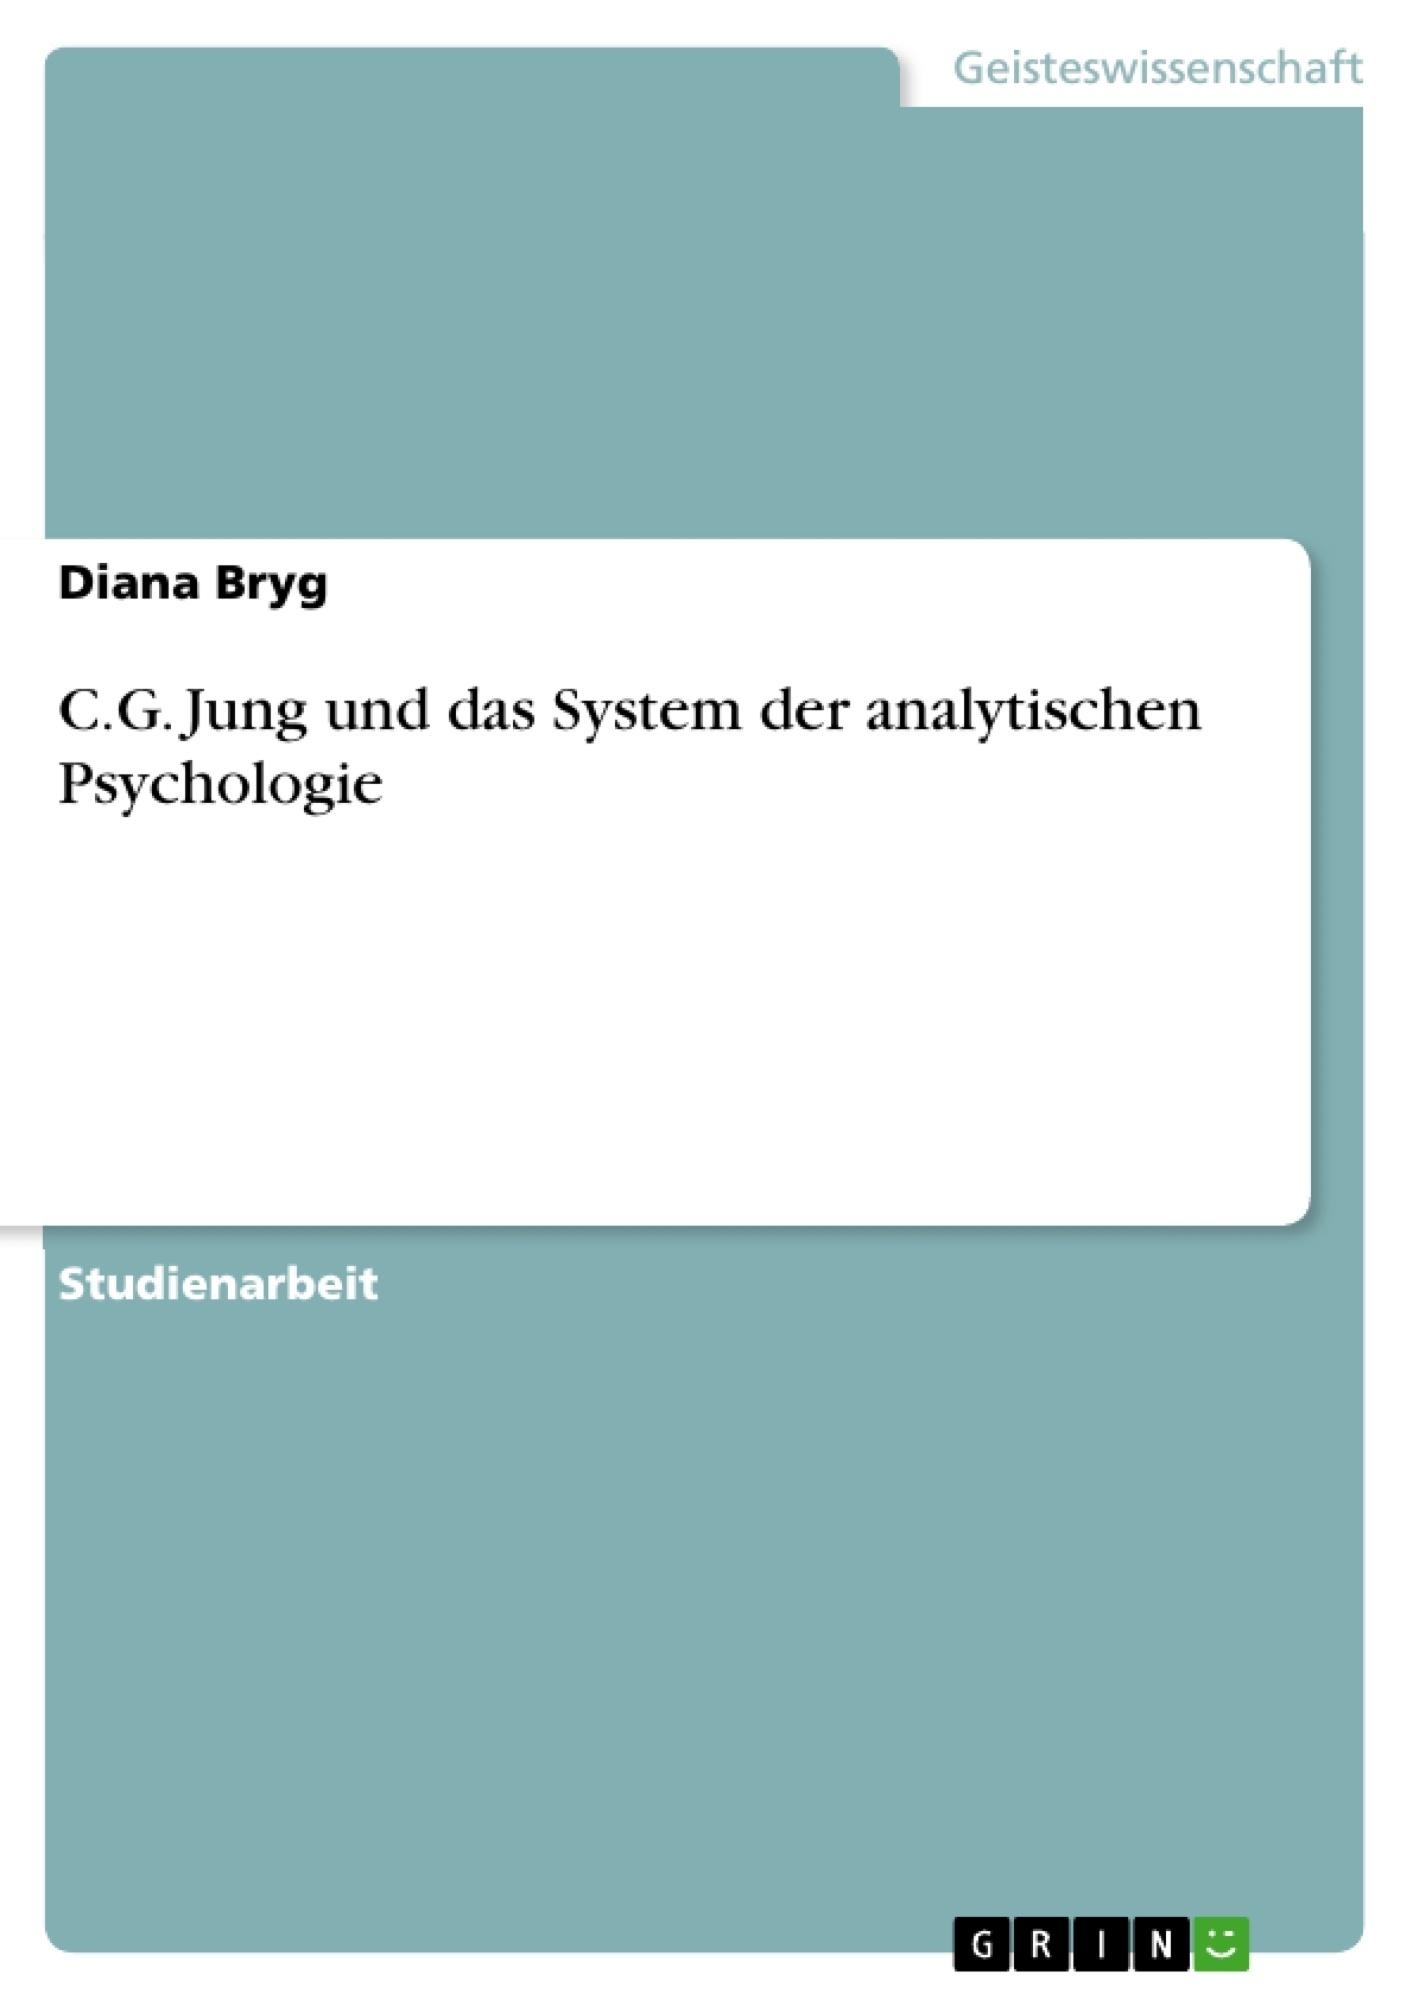 Titel: C.G. Jung und das System der analytischen Psychologie